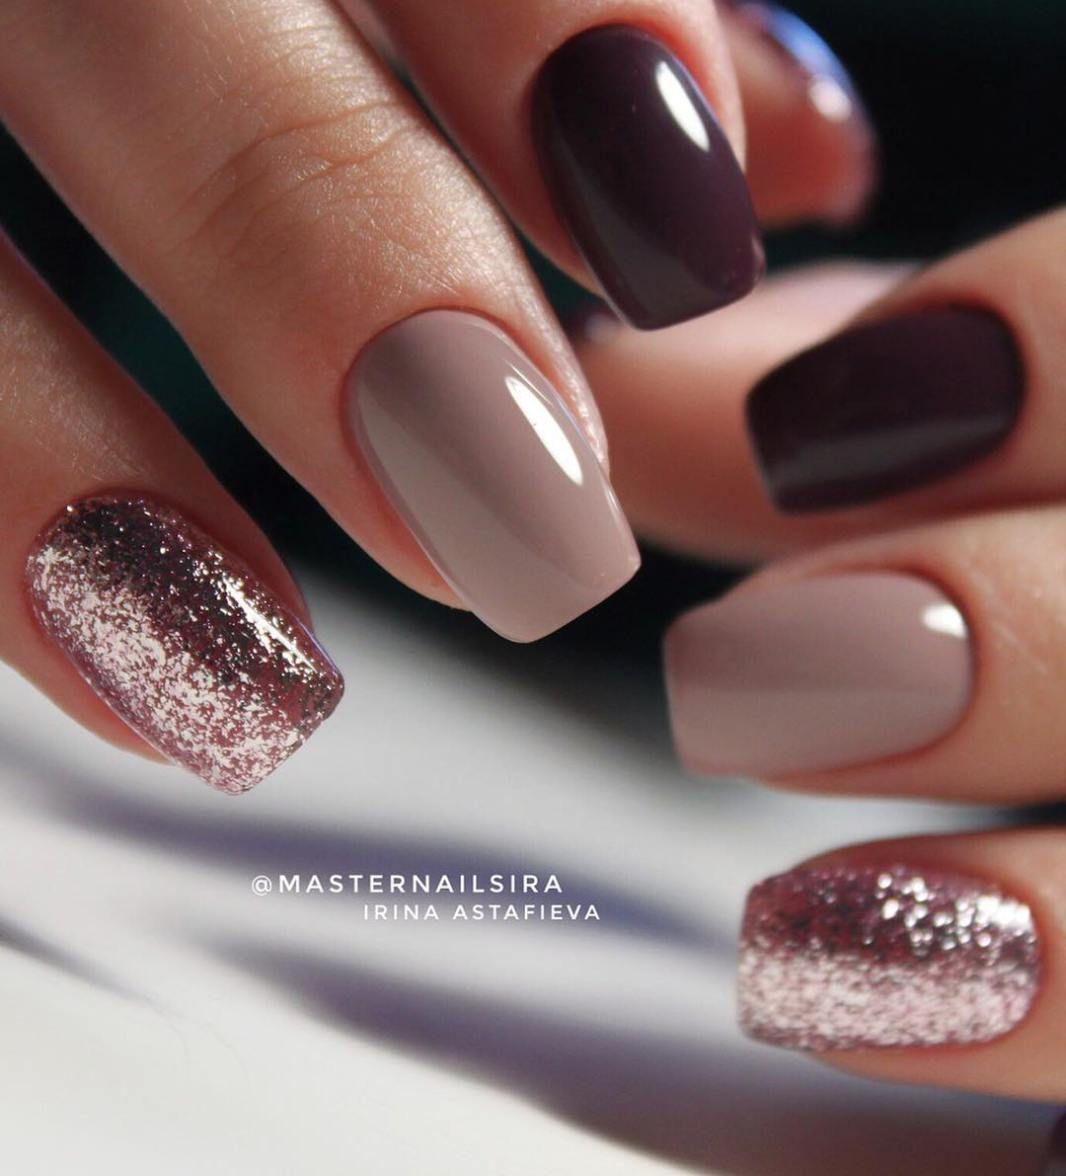 17 Gorgeous nail art design ideas to inspire #nailart ...